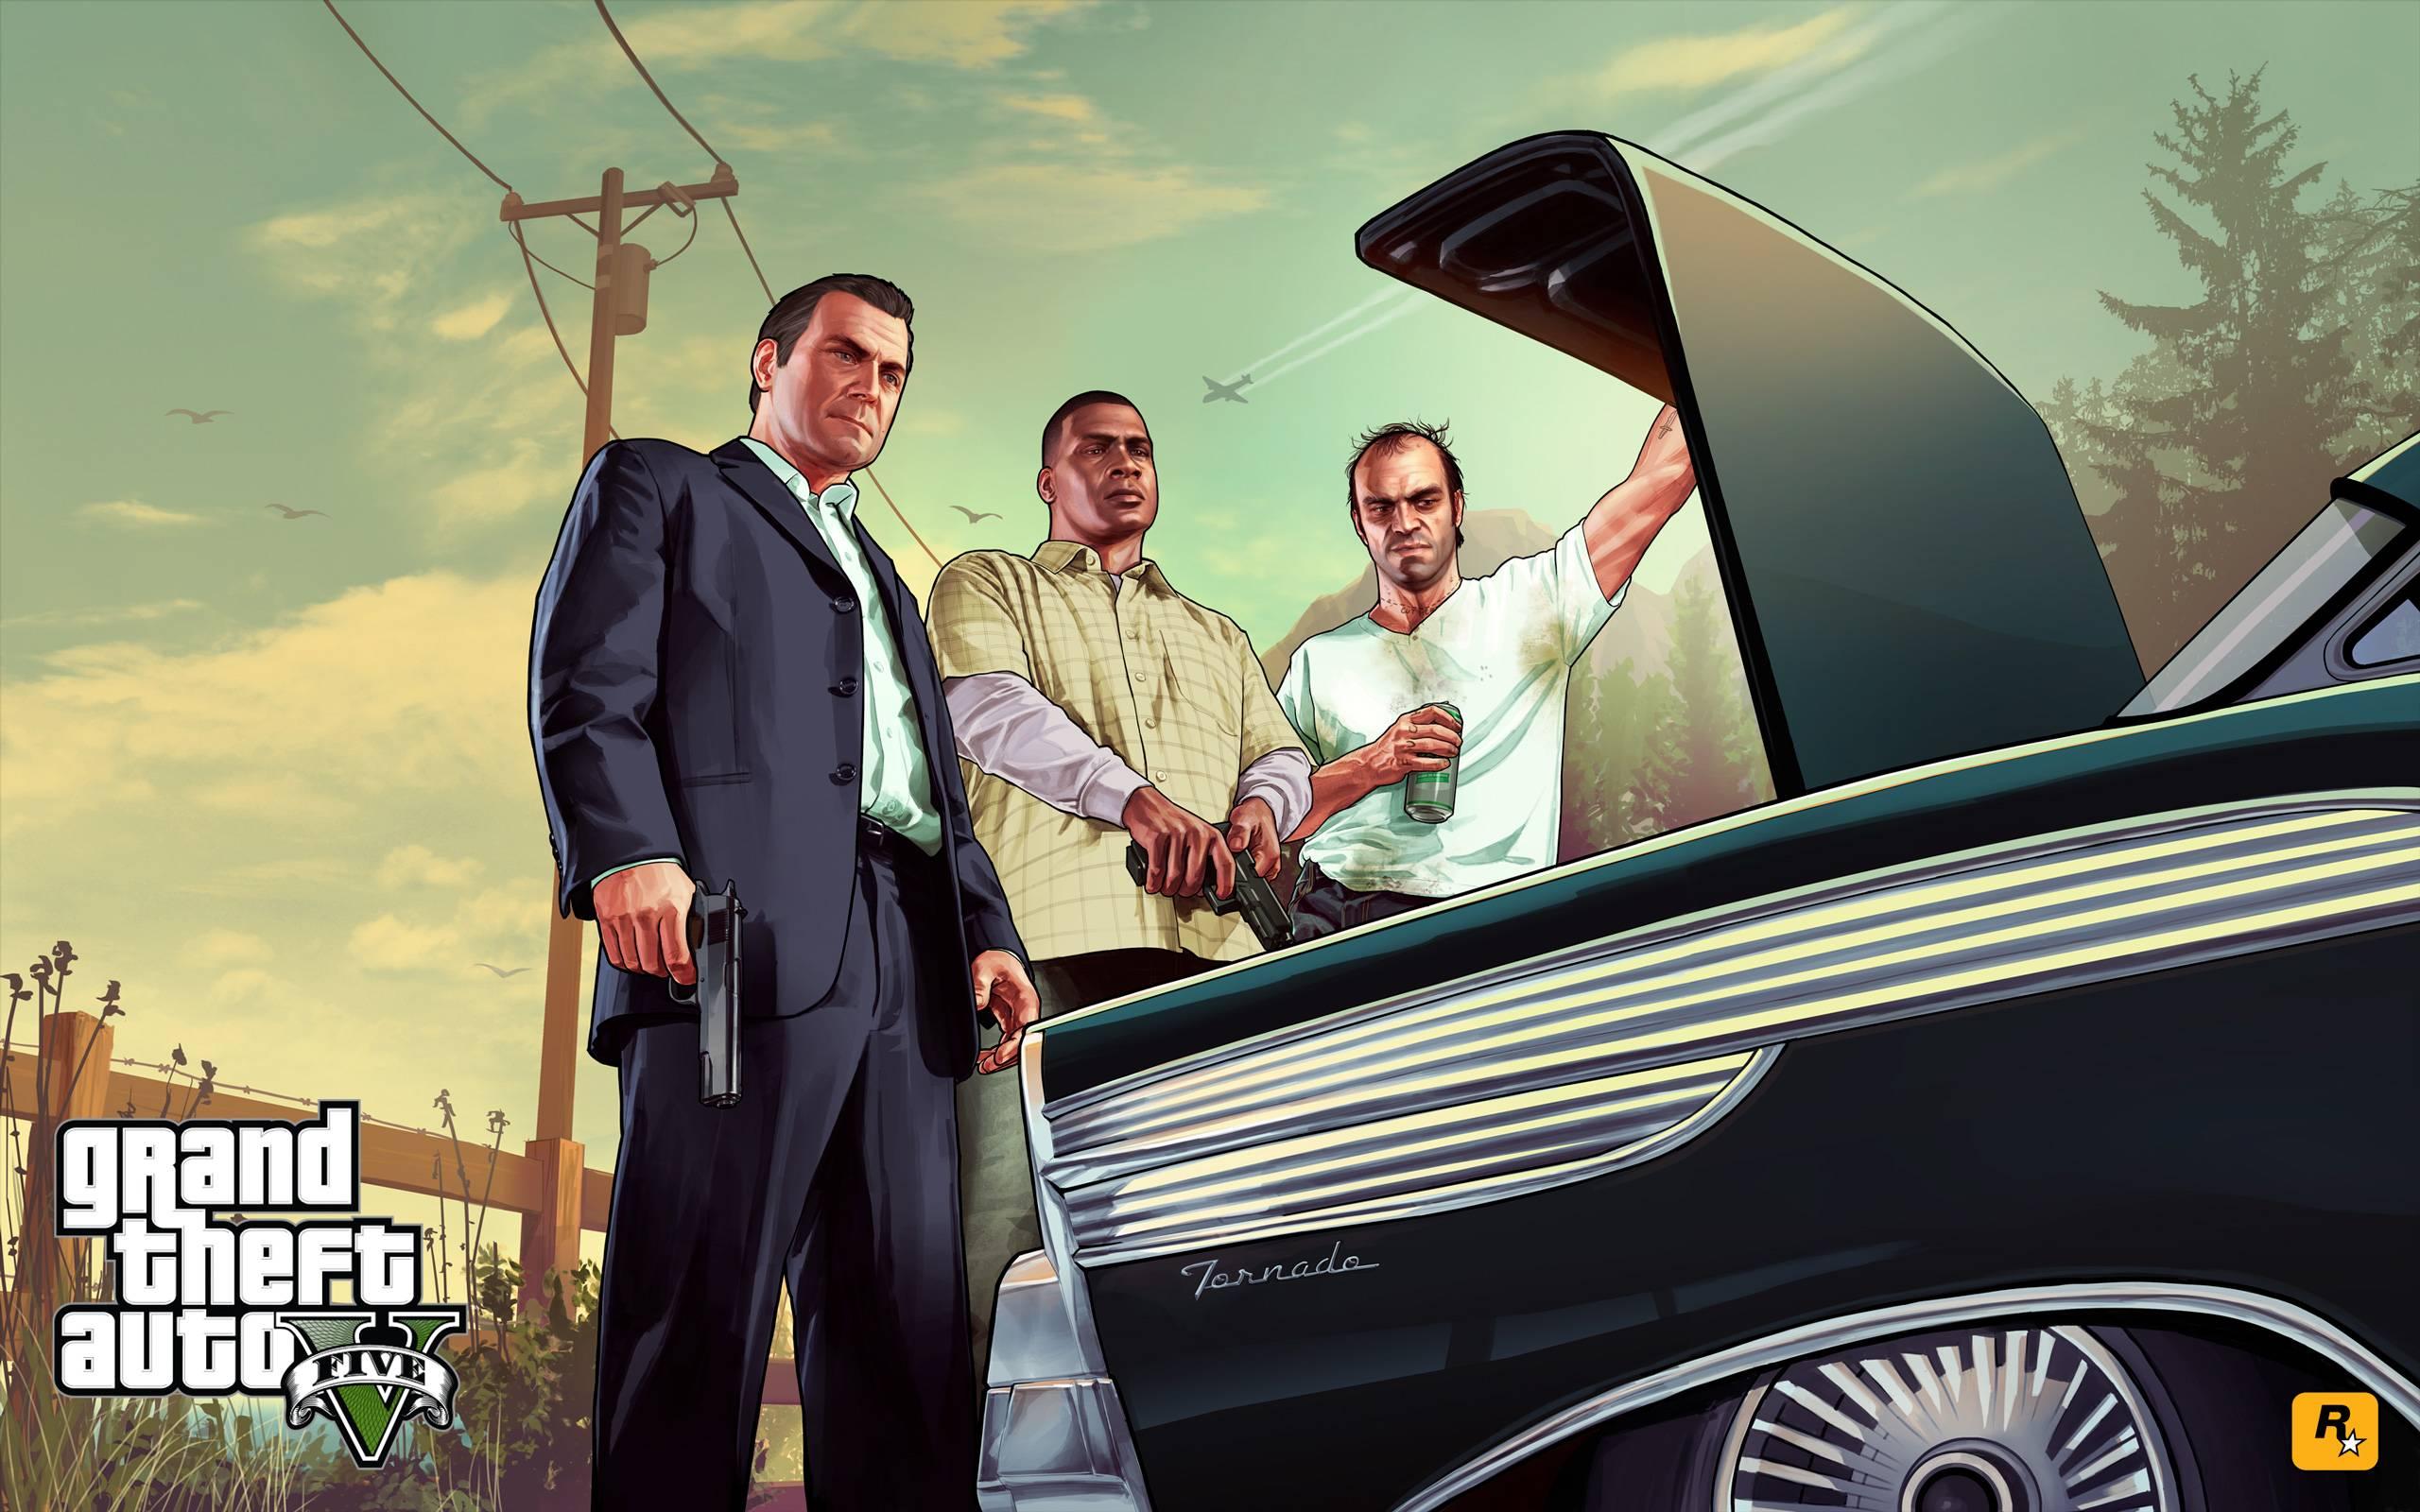 grand thef auto V artwork 04012013